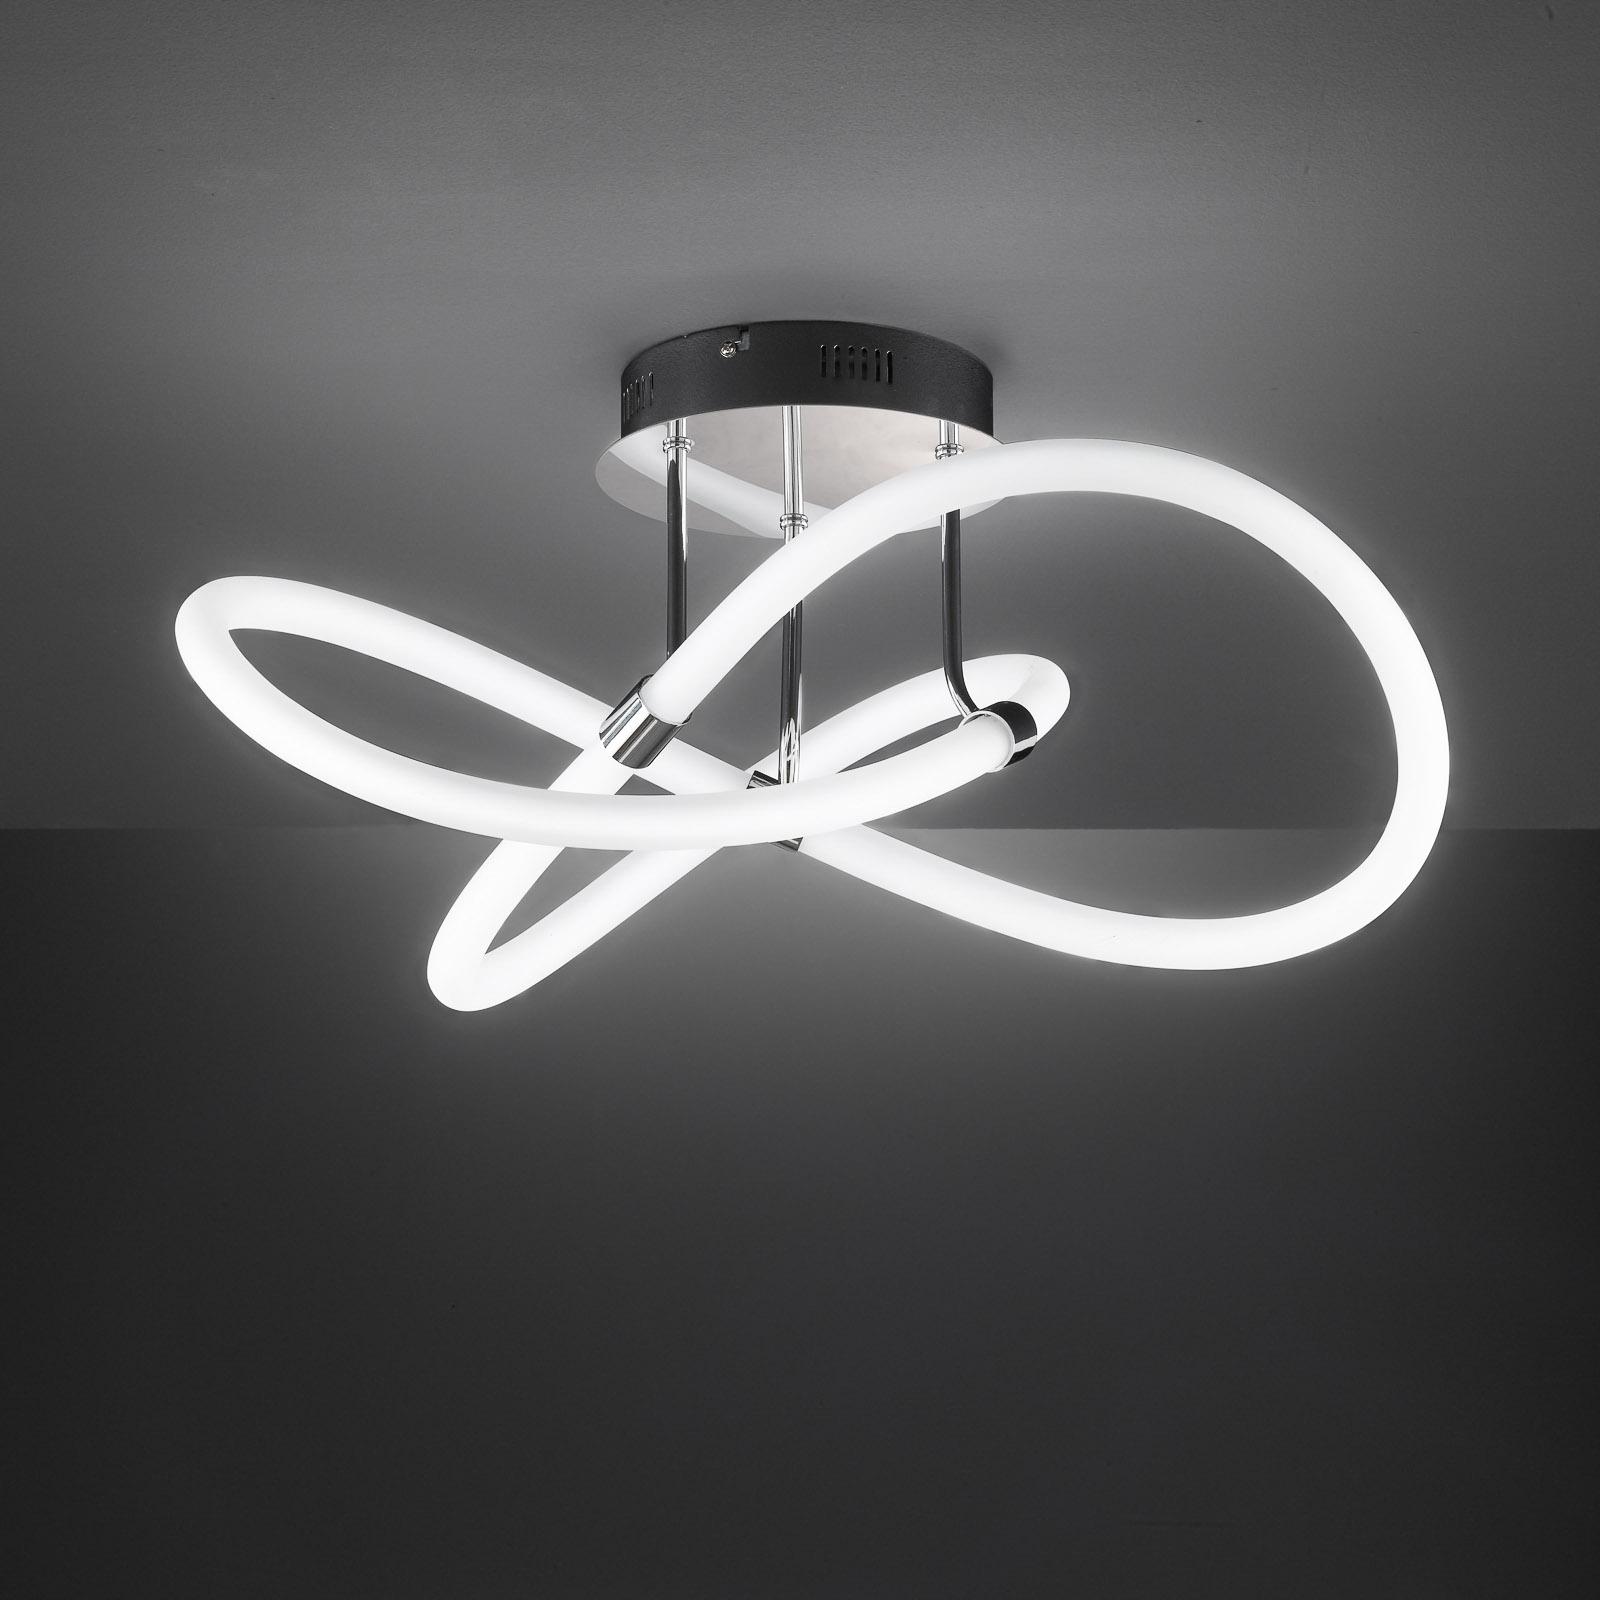 LED-kattovalaisin Mira kaukosäätimellä, Ø 57,5 cm